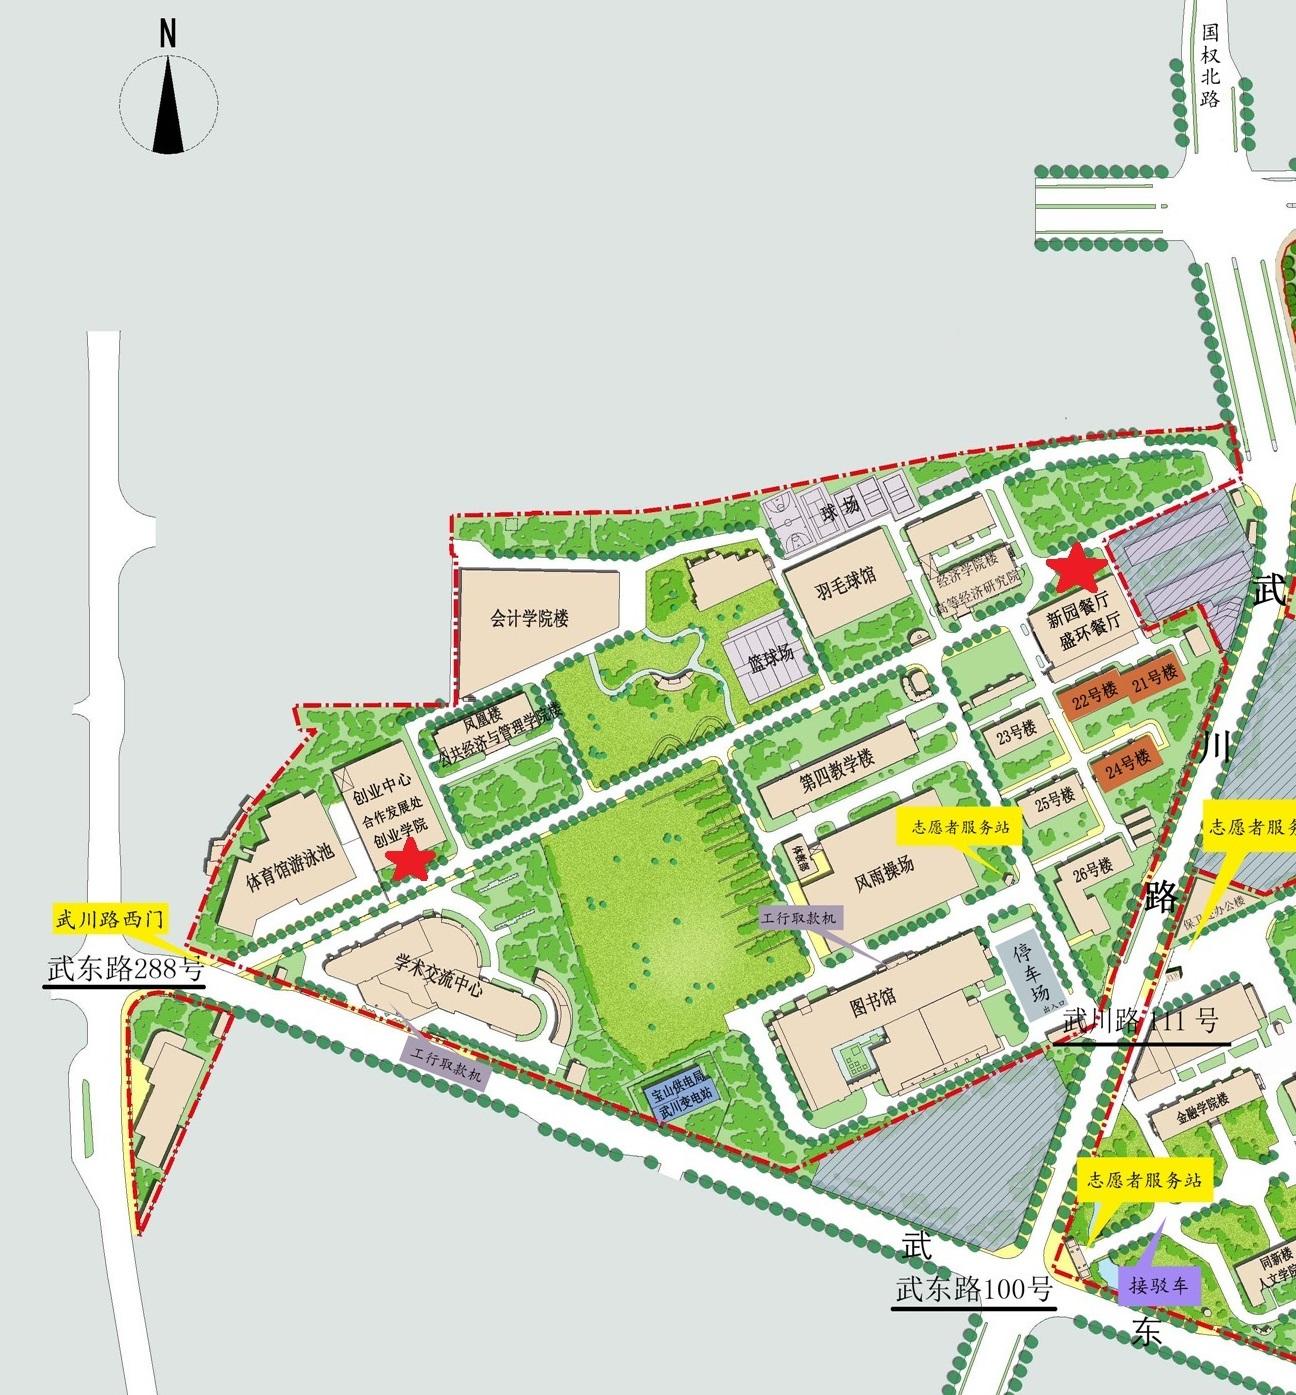 地图 - 副本 (2).jpg